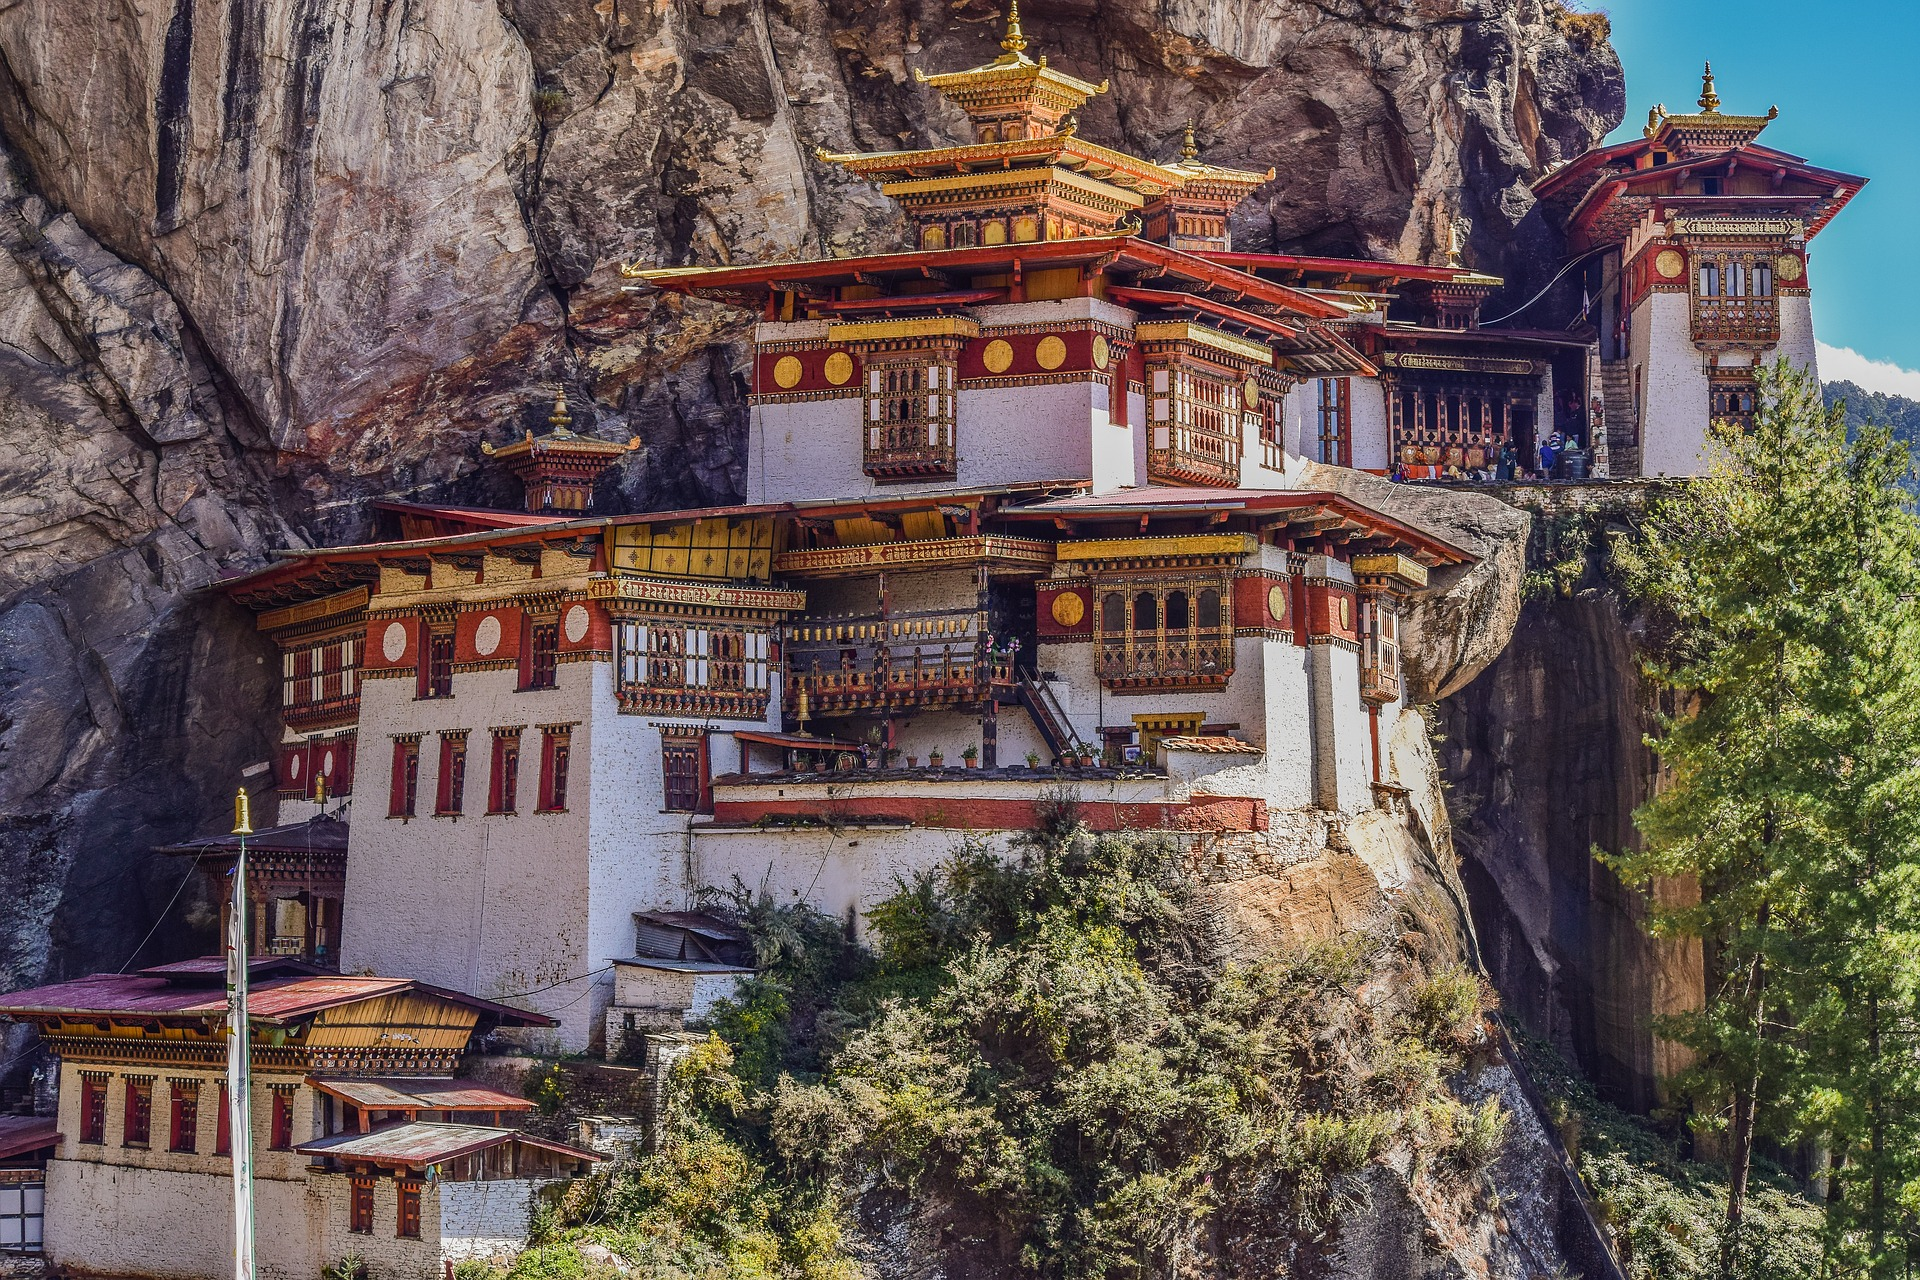 ทัวร์ภูฏาน ทิมพู พูนาคา พาโร